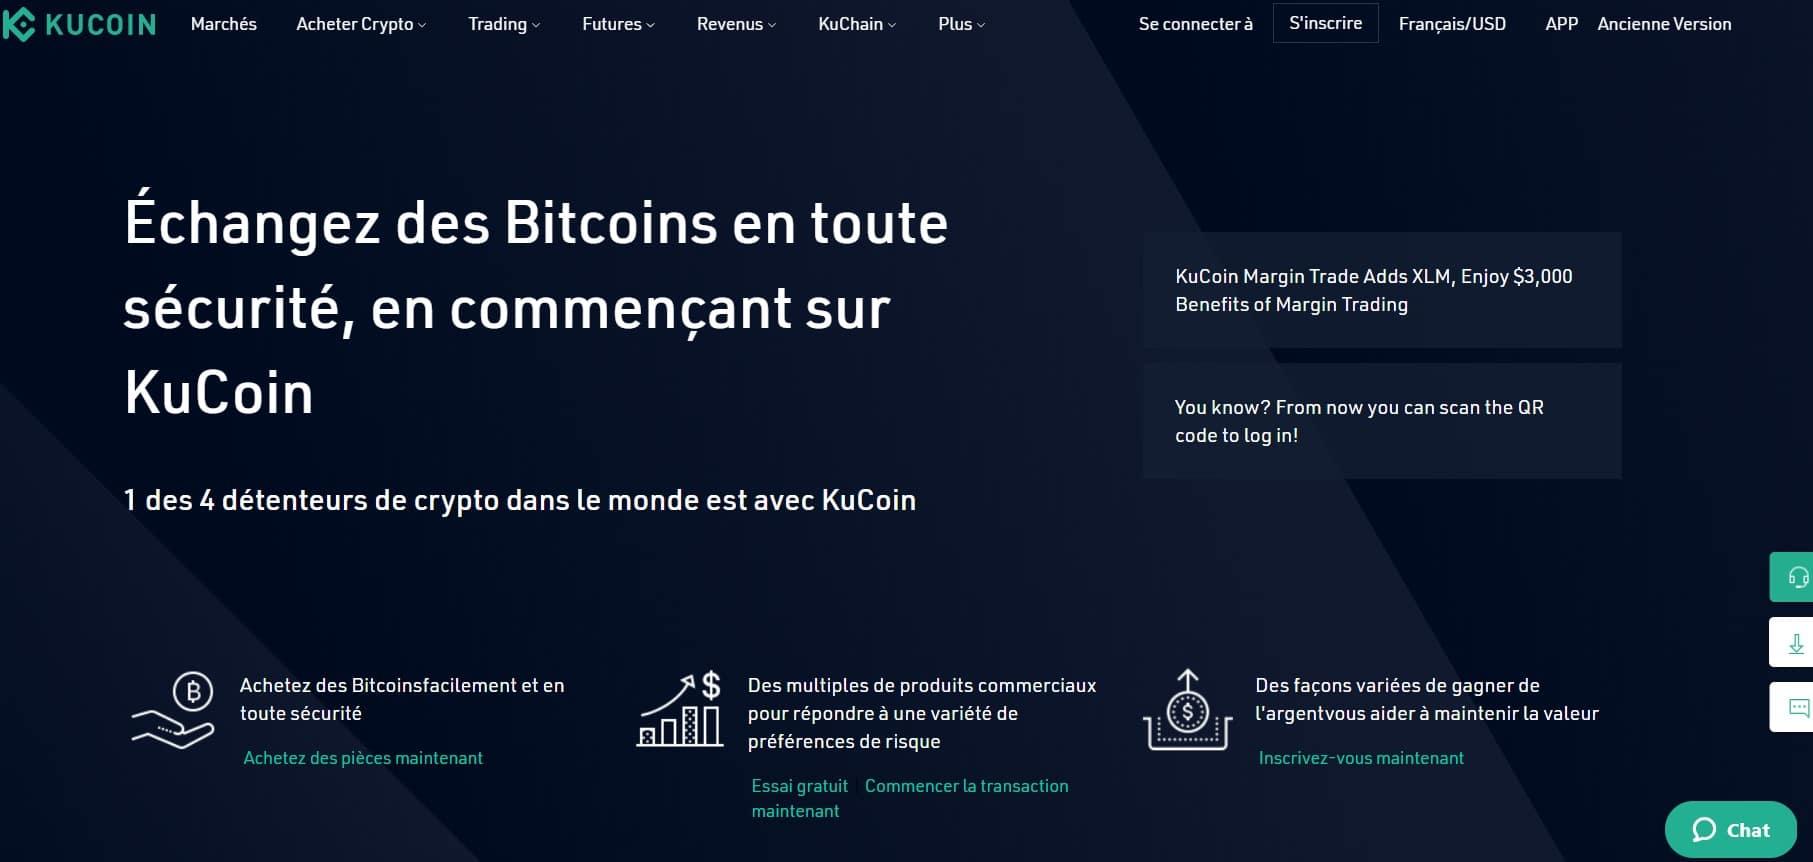 KuCoin est principalement une plateforme d'échange